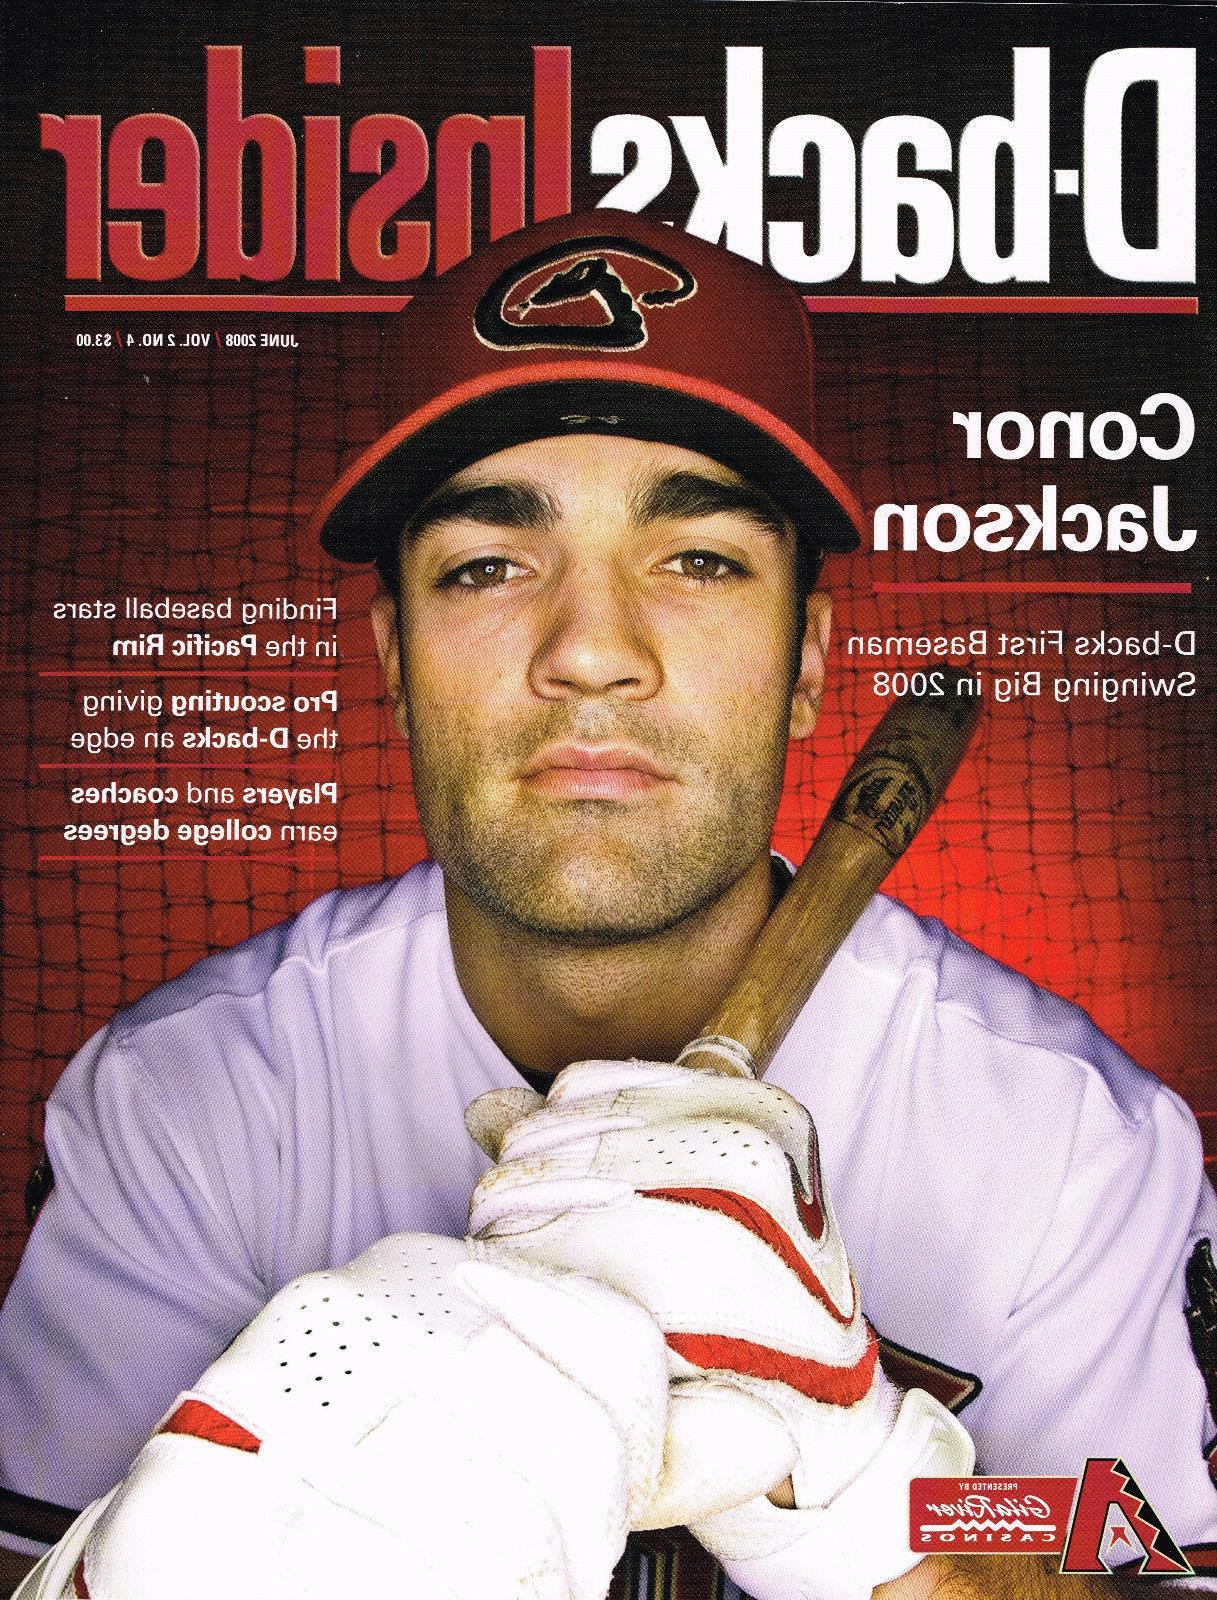 2008 Magazine Dbacks - Your